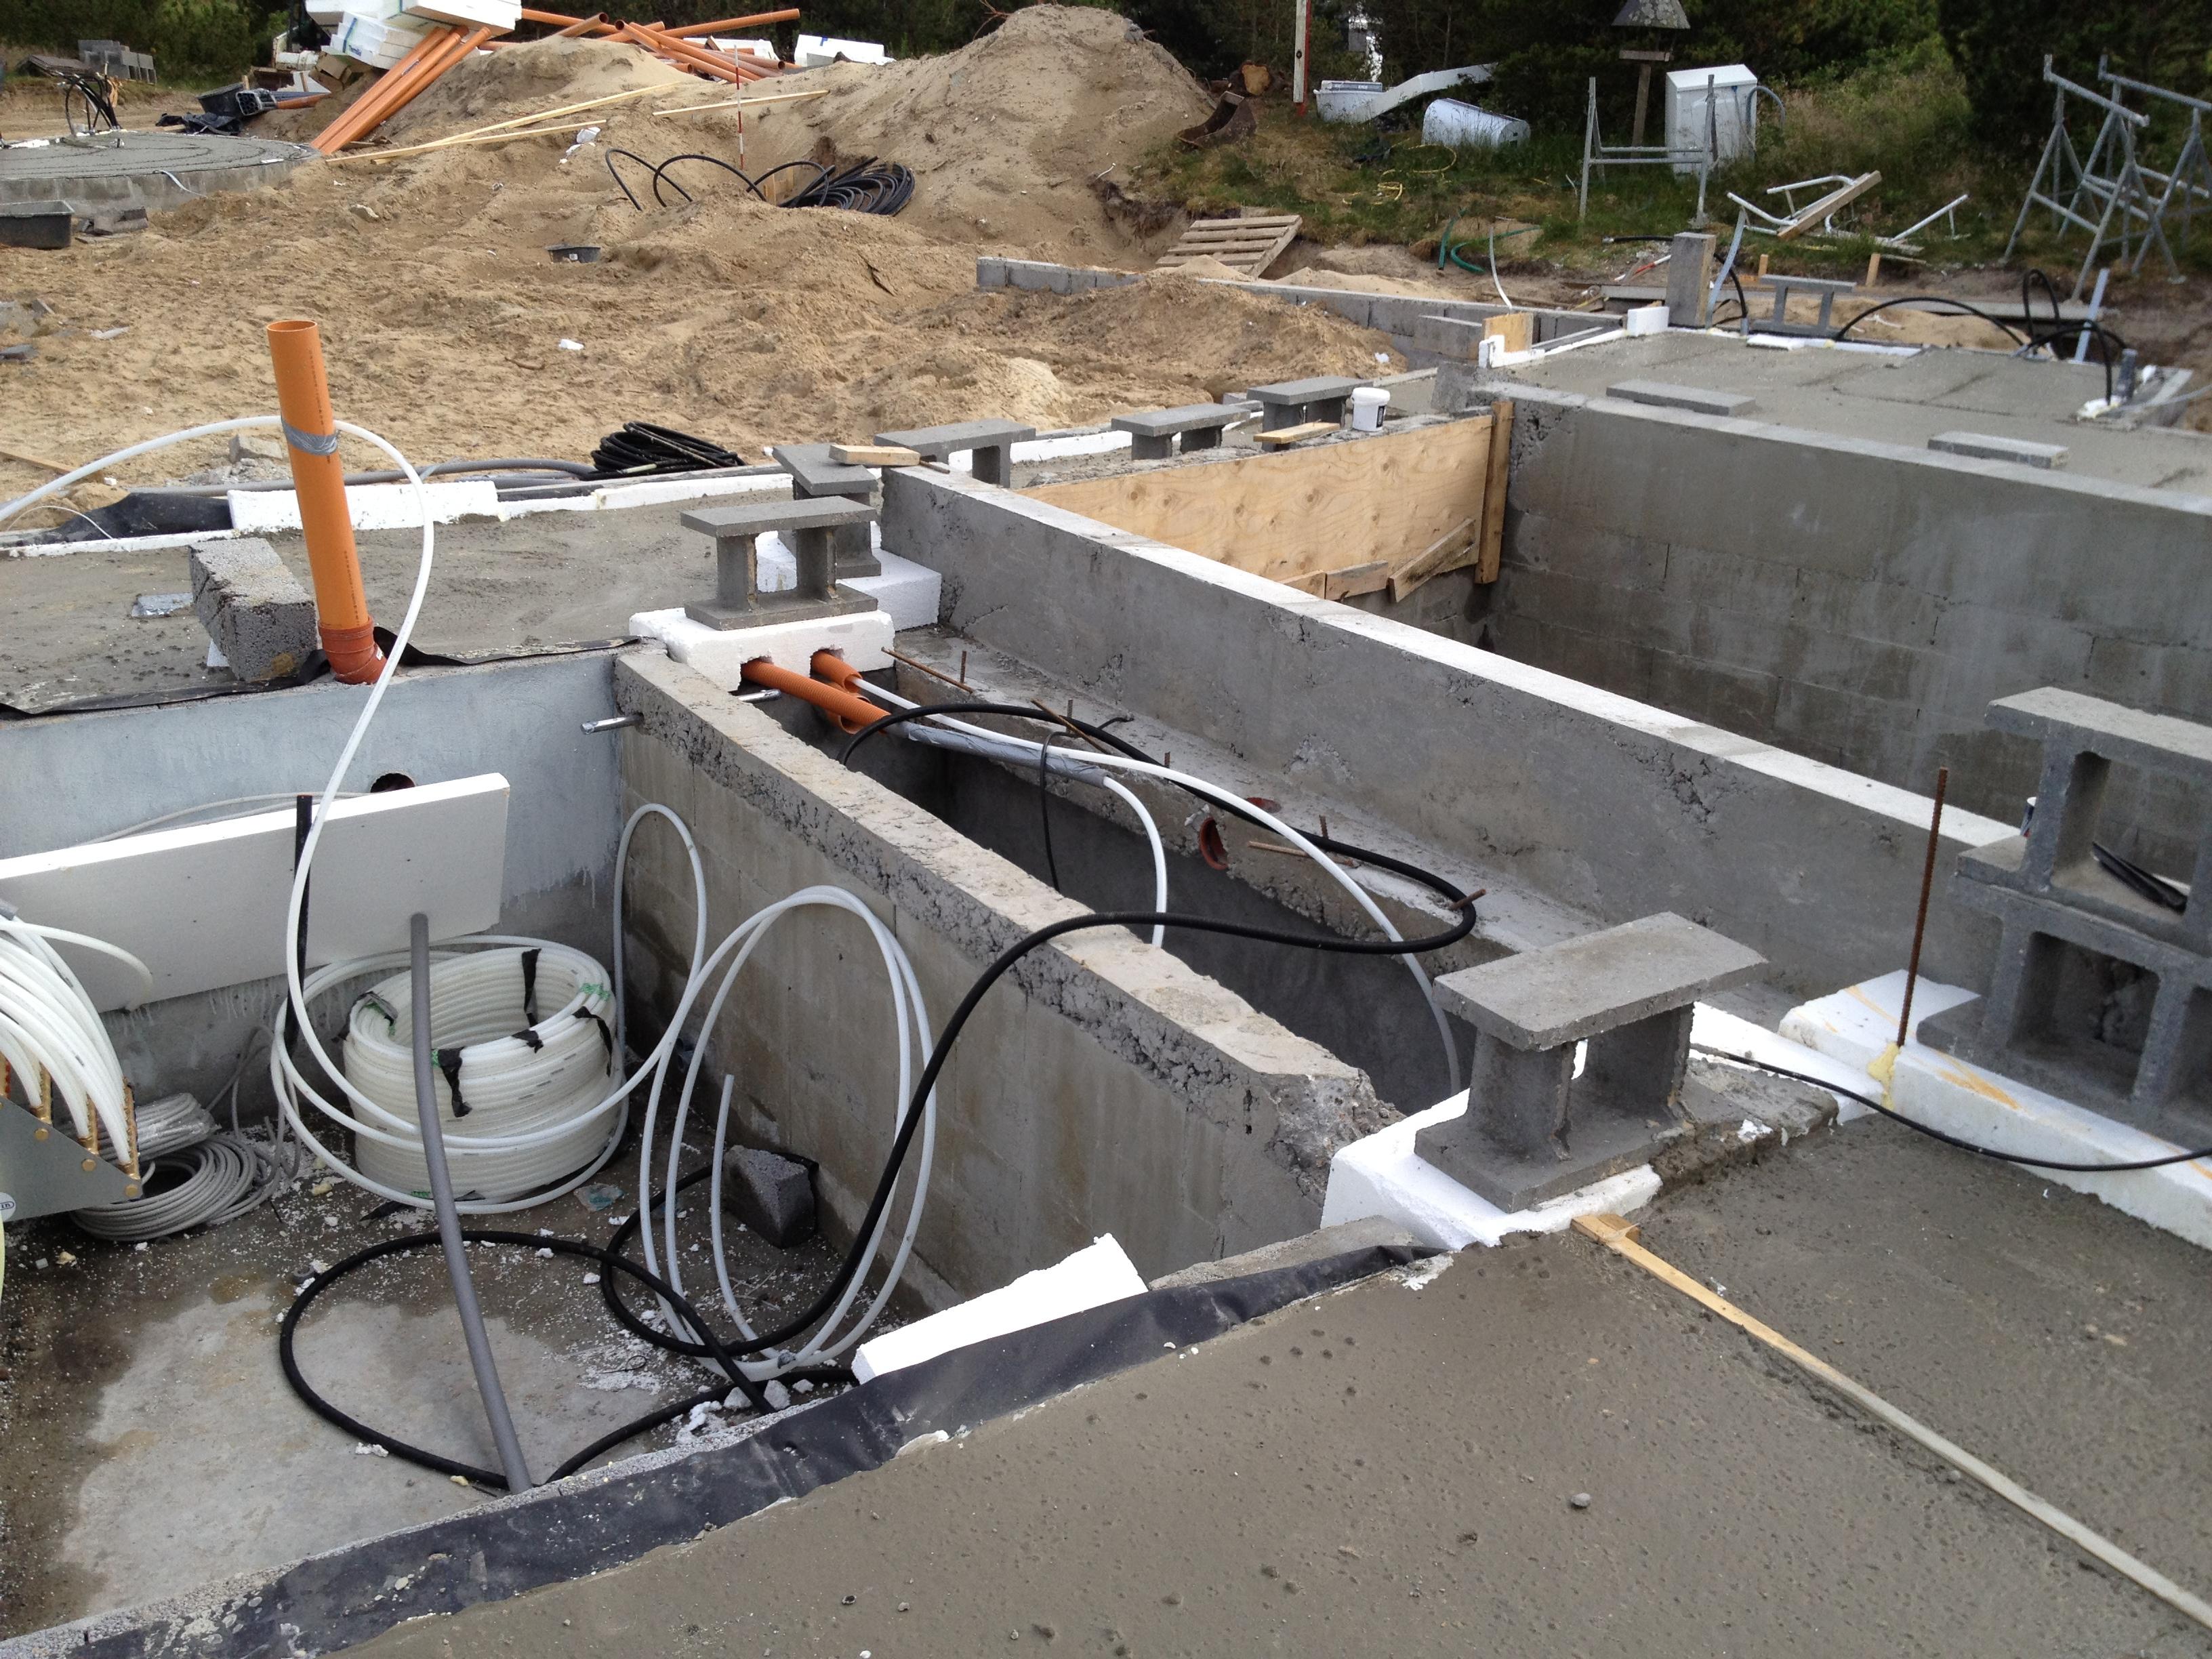 Nordkrogen 12 - Avanceret Sommerhus konstruktion i Blåvand